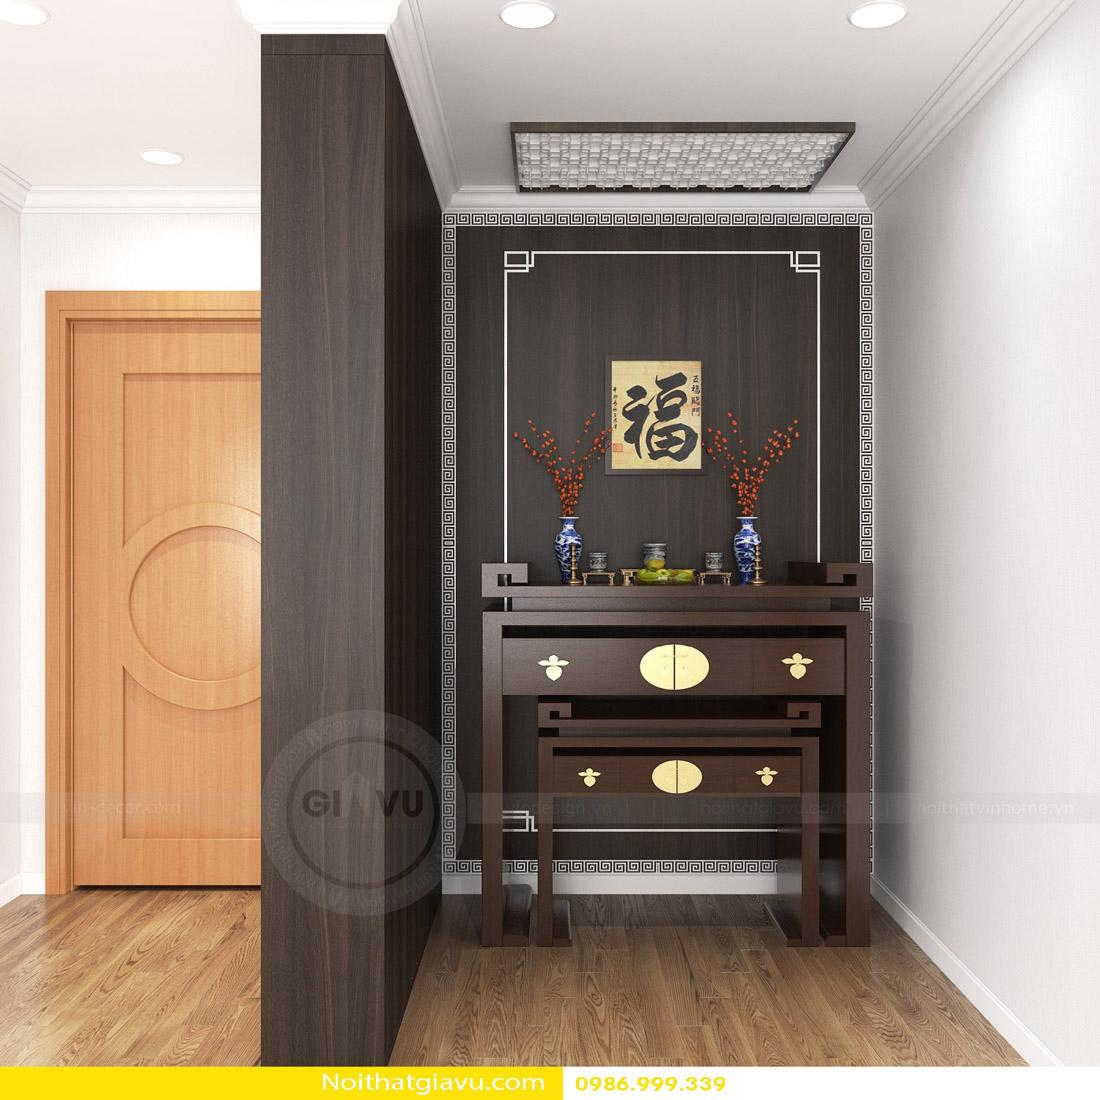 thi công hoàn thiện nội thất căn hộ chung cư Gardenia 05